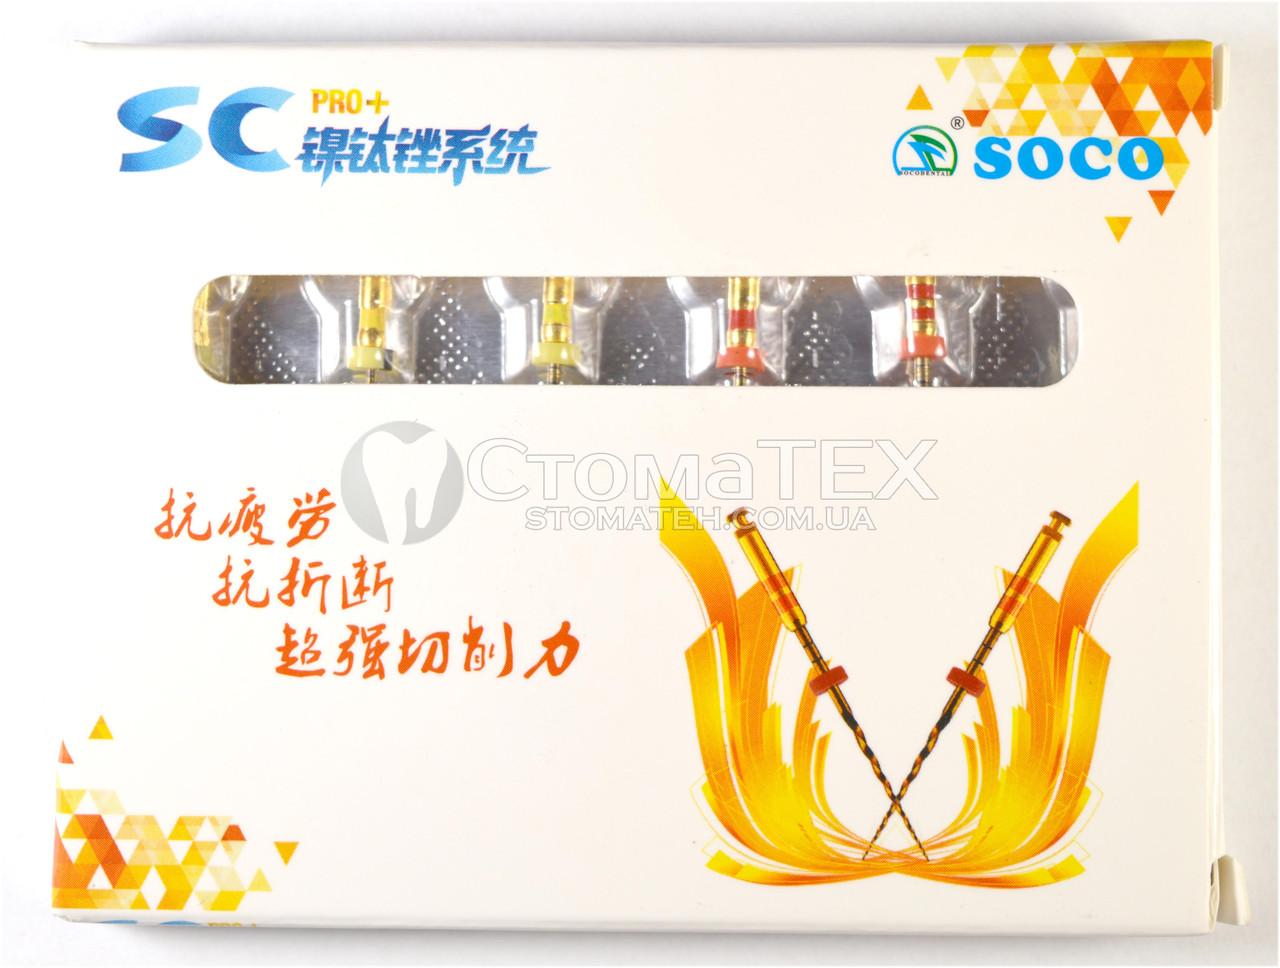 SC-Pro 25мм. 0625, 6шт.